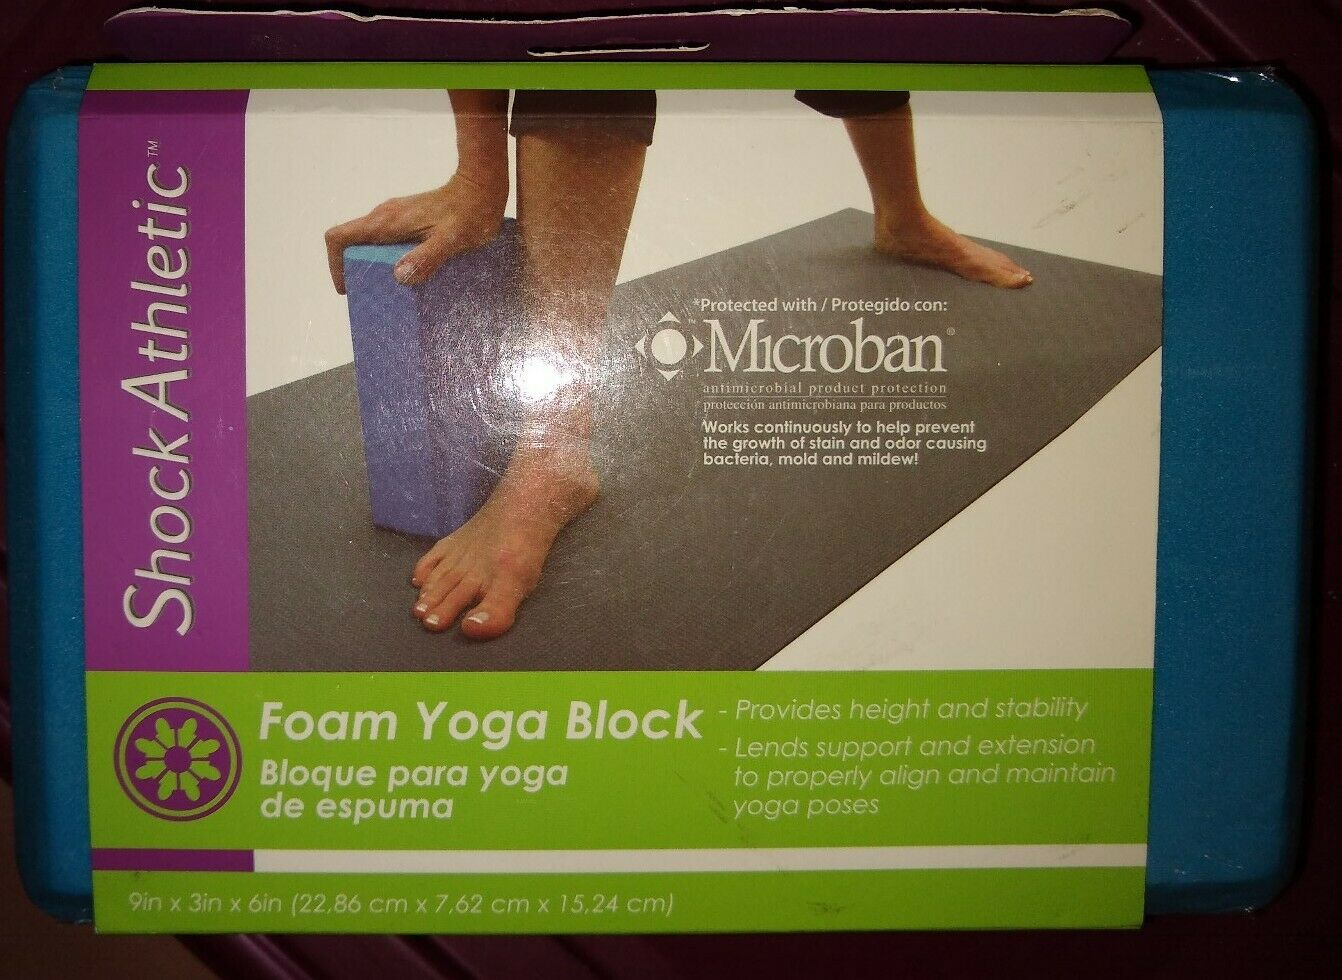 Venture SHOCK ATHLETIC FOAM YOGA BLOCK Antimicrobial 9″ x 6″ x 3″/Bloque Espuma